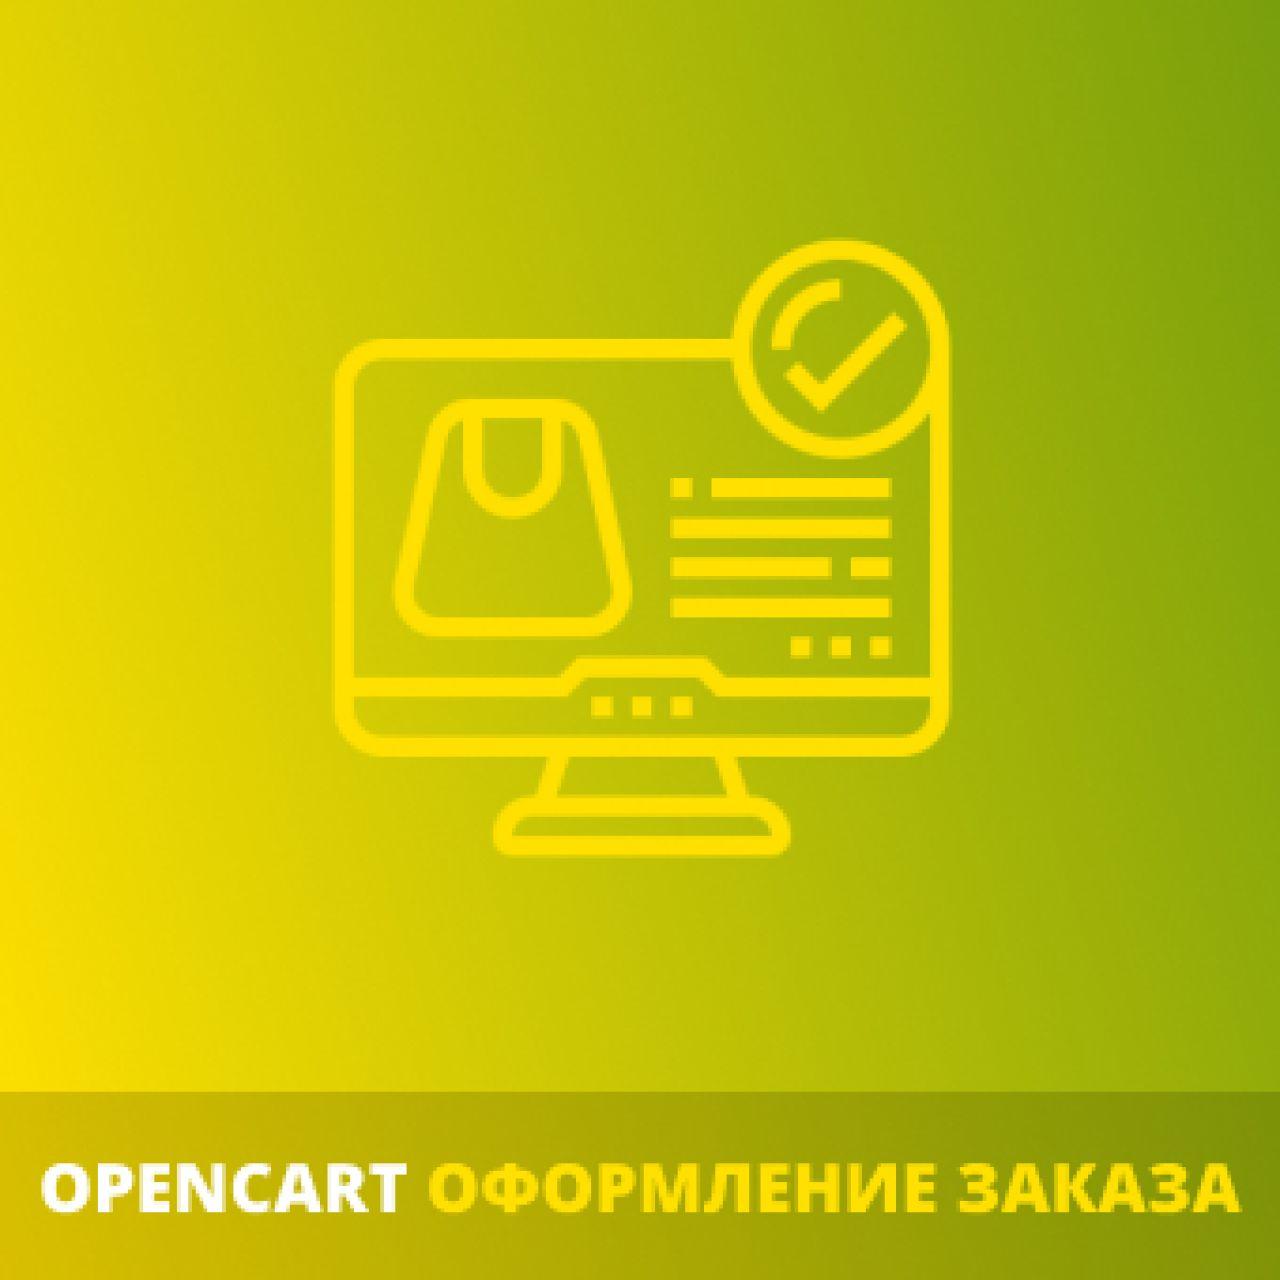 Оформление заказа из категории Оформление для CMS OpenCart (ОпенКарт)